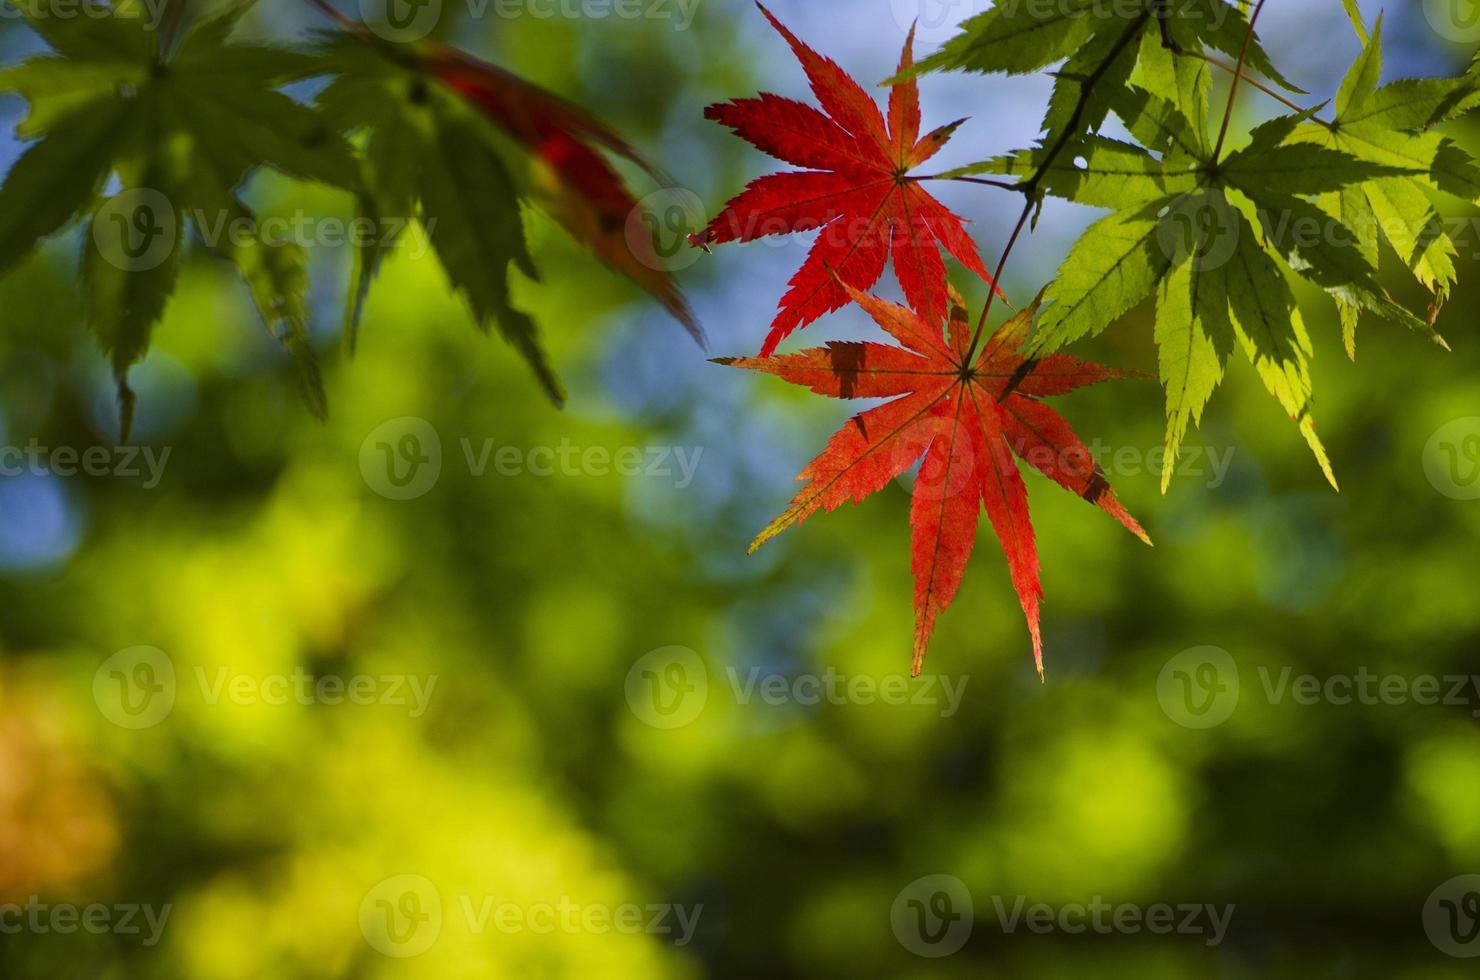 grön förändring till rött lönnlöv foto